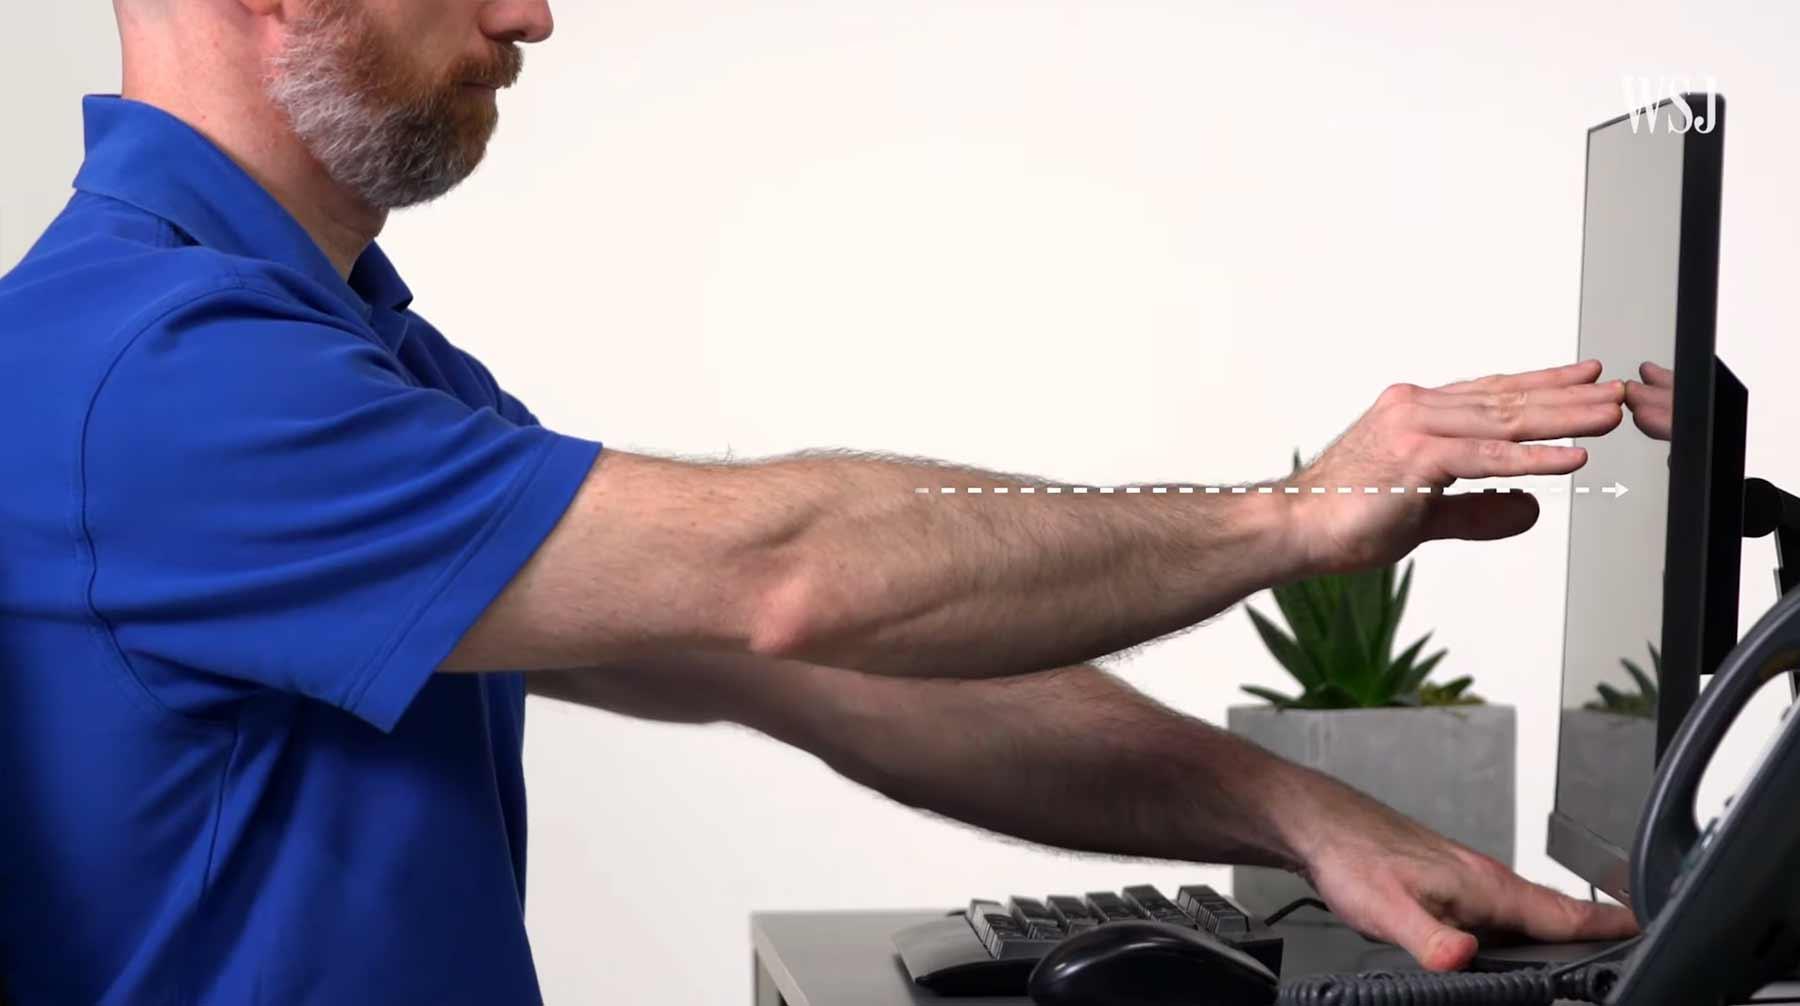 Experte erklärt, wie man seinen Schreibtisch ergonomisch korrekt einrichtet